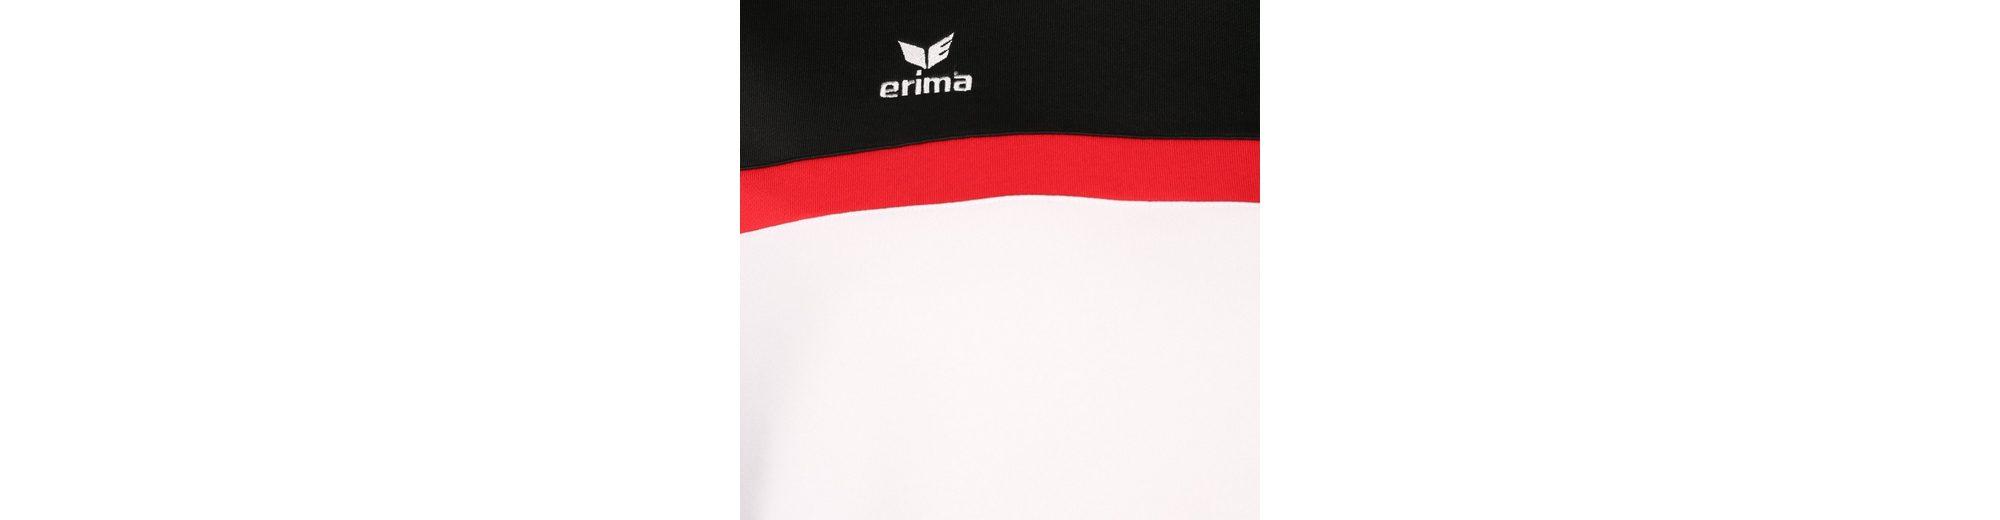 ERIMA 5-CUBES Trainingssweat Herren Billig Verkaufen Neu vkFy0YO3